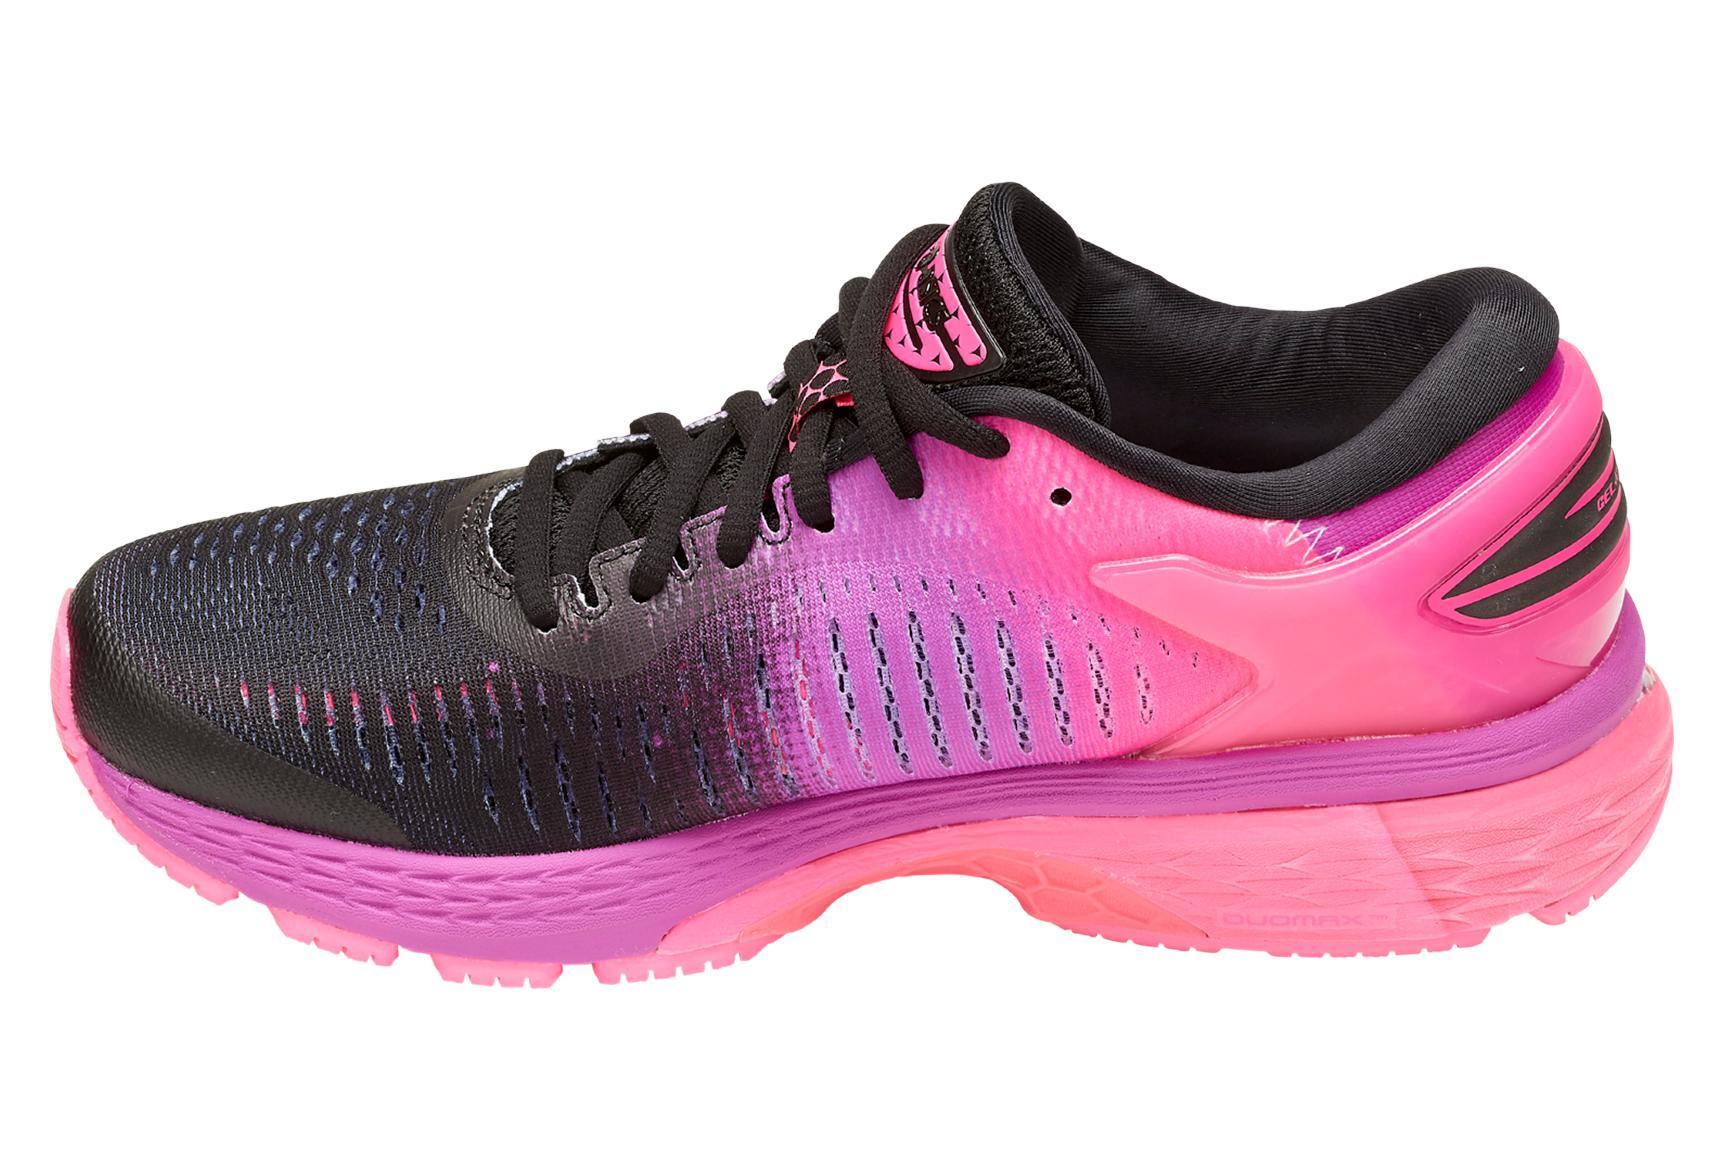 asics gel kayano 25 solar shower donna running scarpe